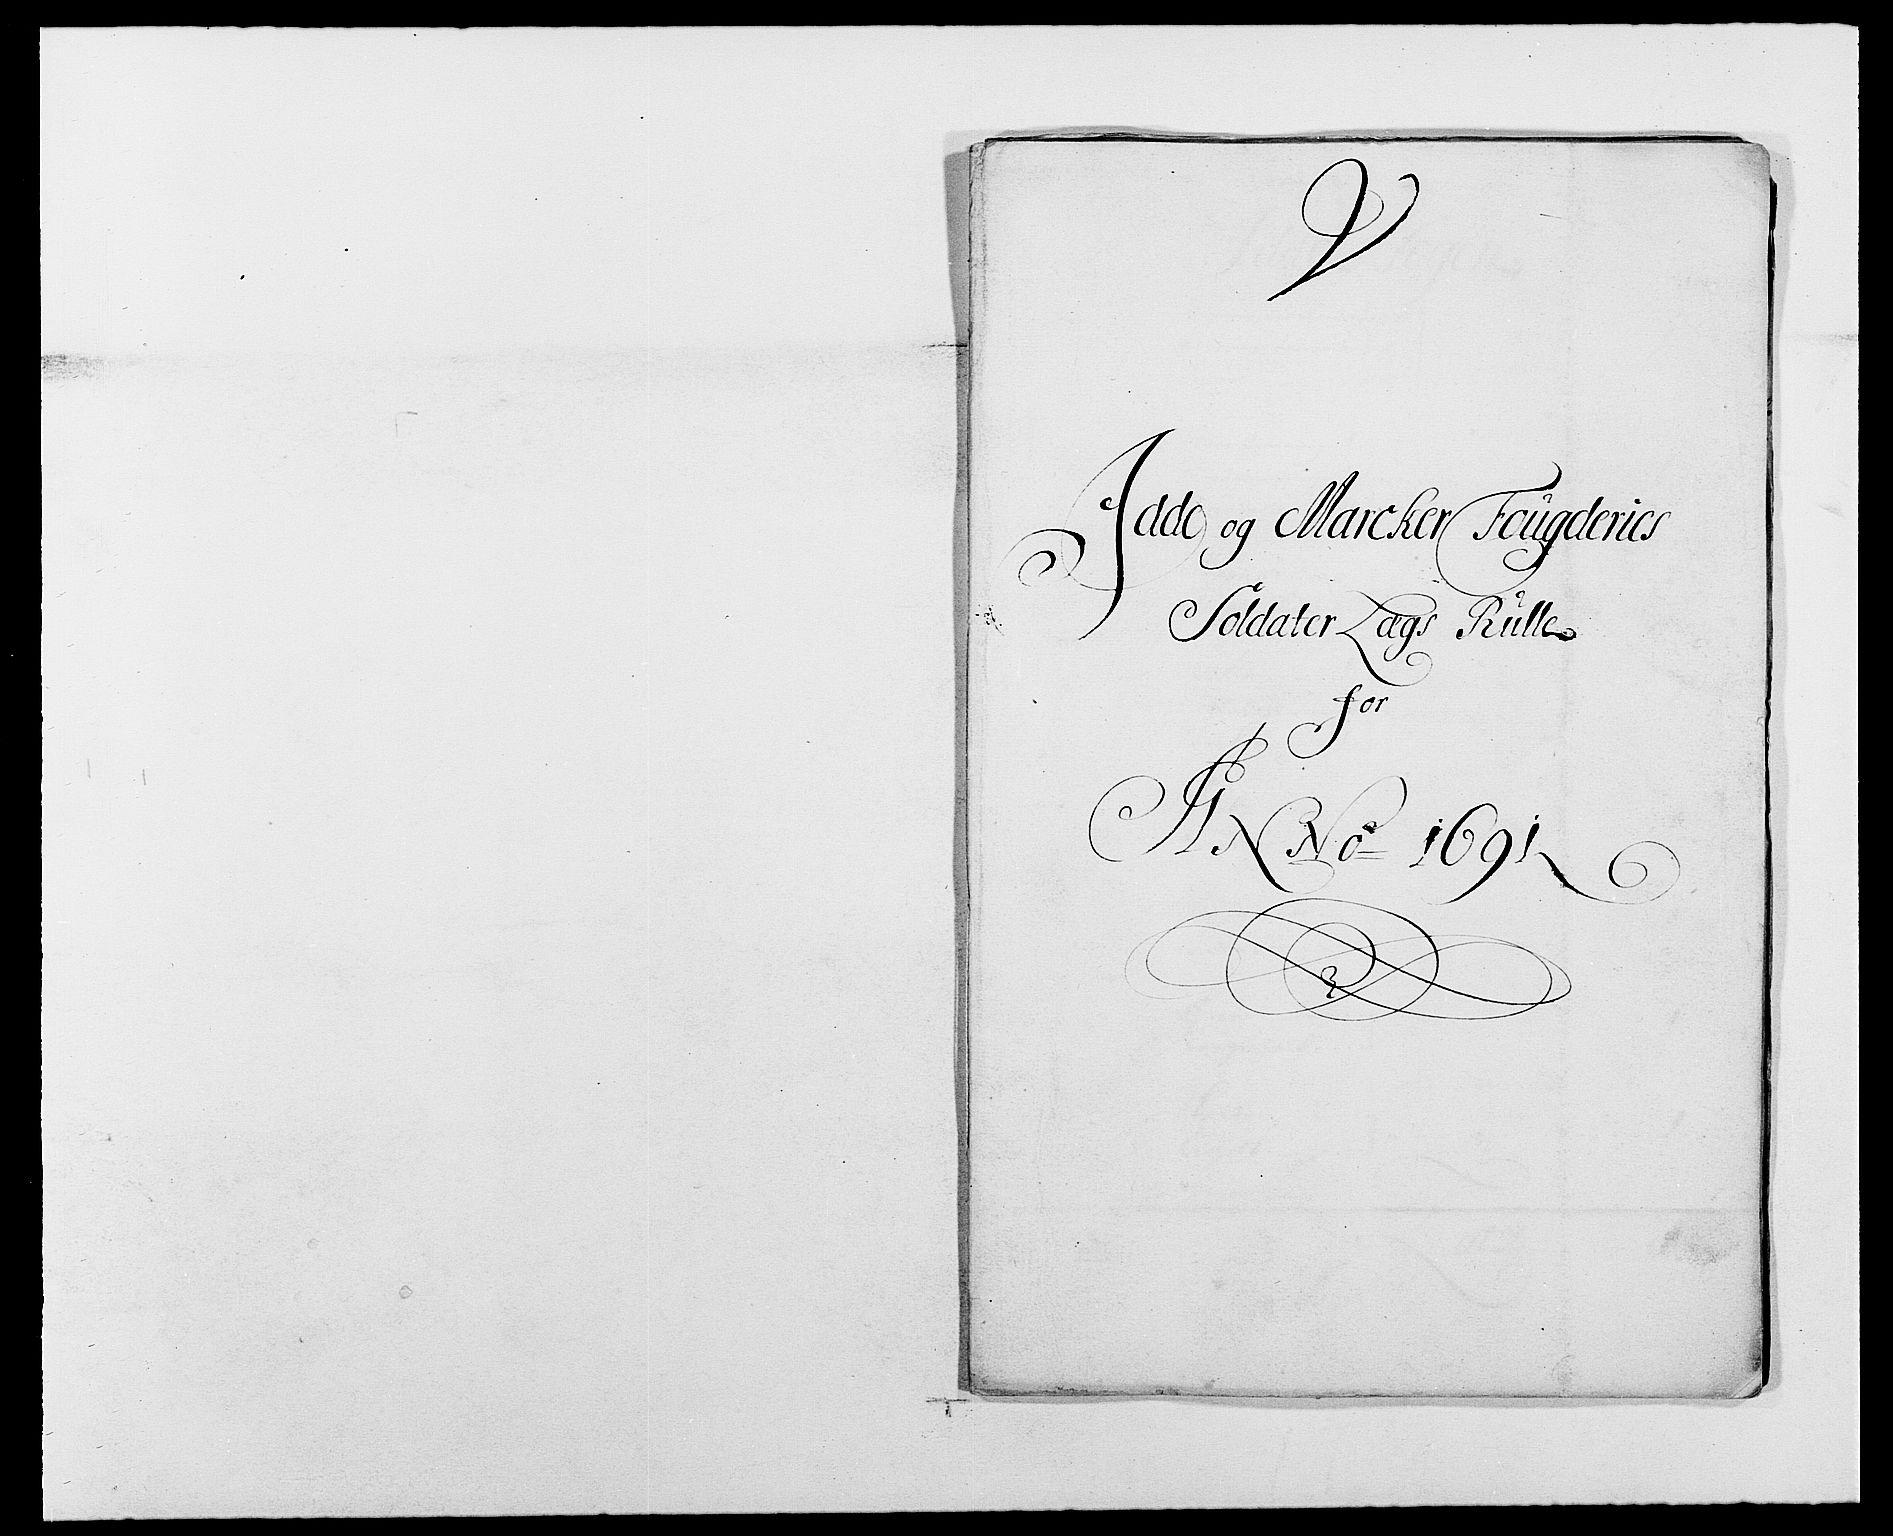 RA, Rentekammeret inntil 1814, Reviderte regnskaper, Fogderegnskap, R01/L0010: Fogderegnskap Idd og Marker, 1690-1691, p. 378